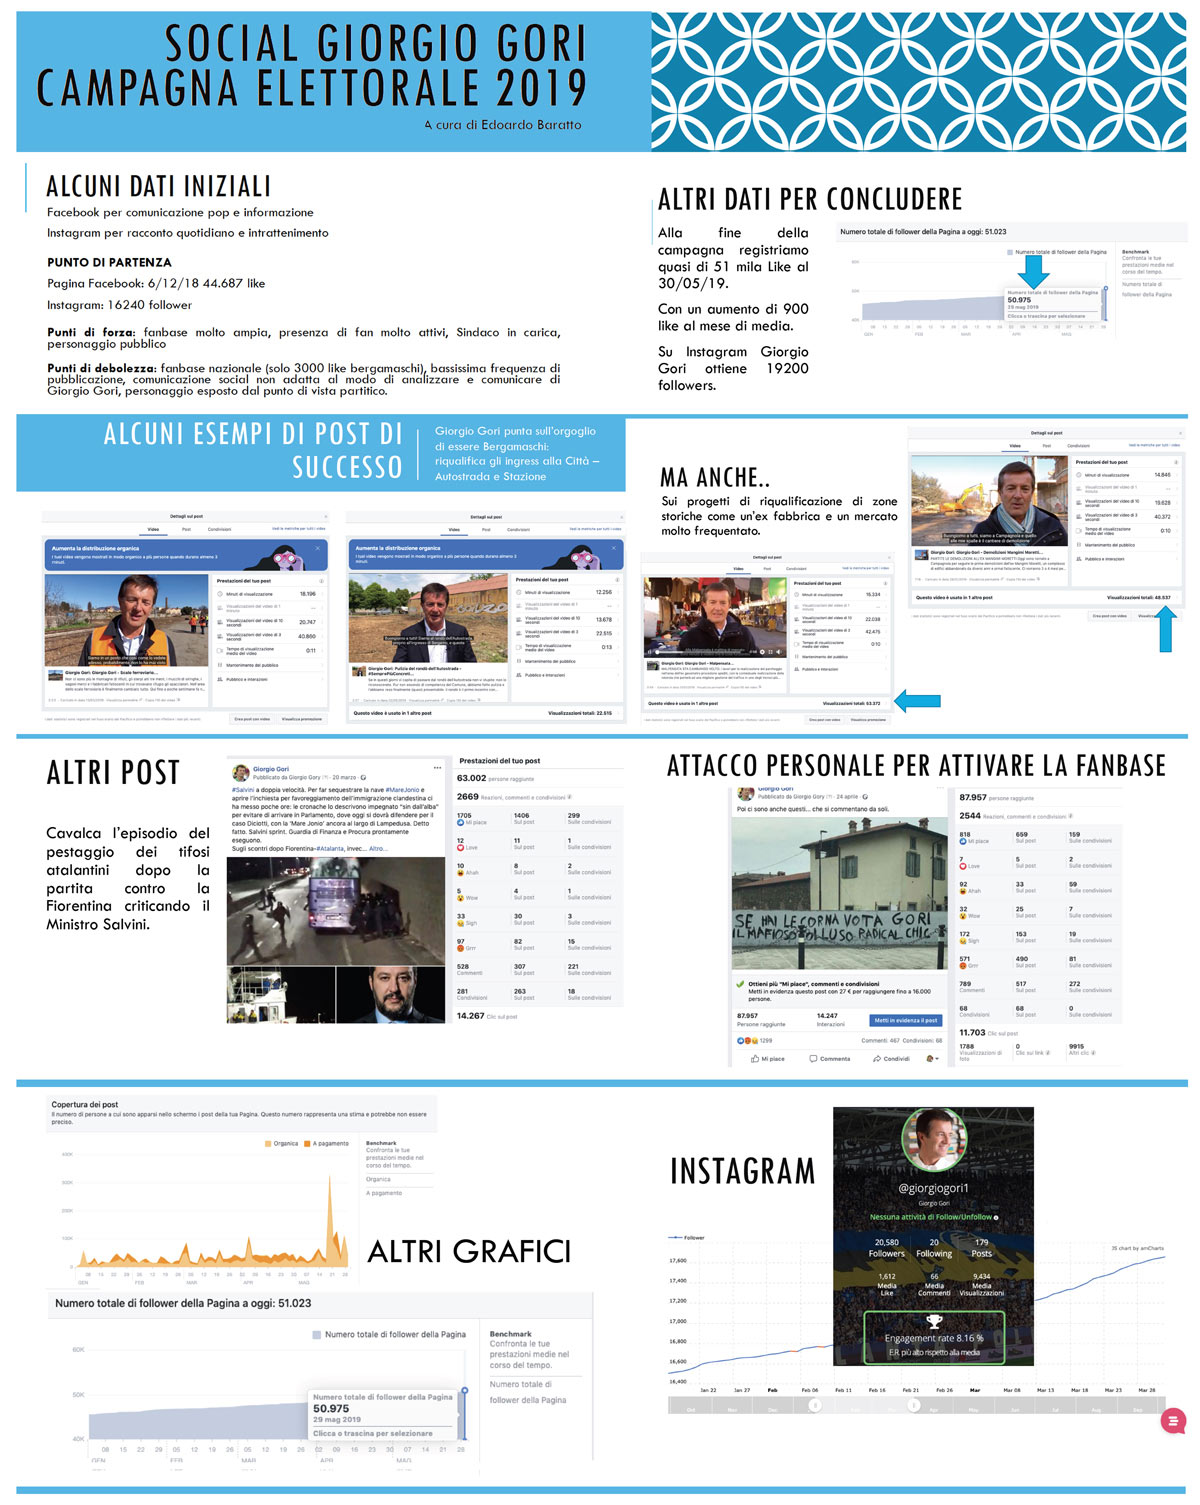 L'analisi del lavoro social di Edoardo Baratto, social media manager della campagna Gori e della lista Gori Sindaco